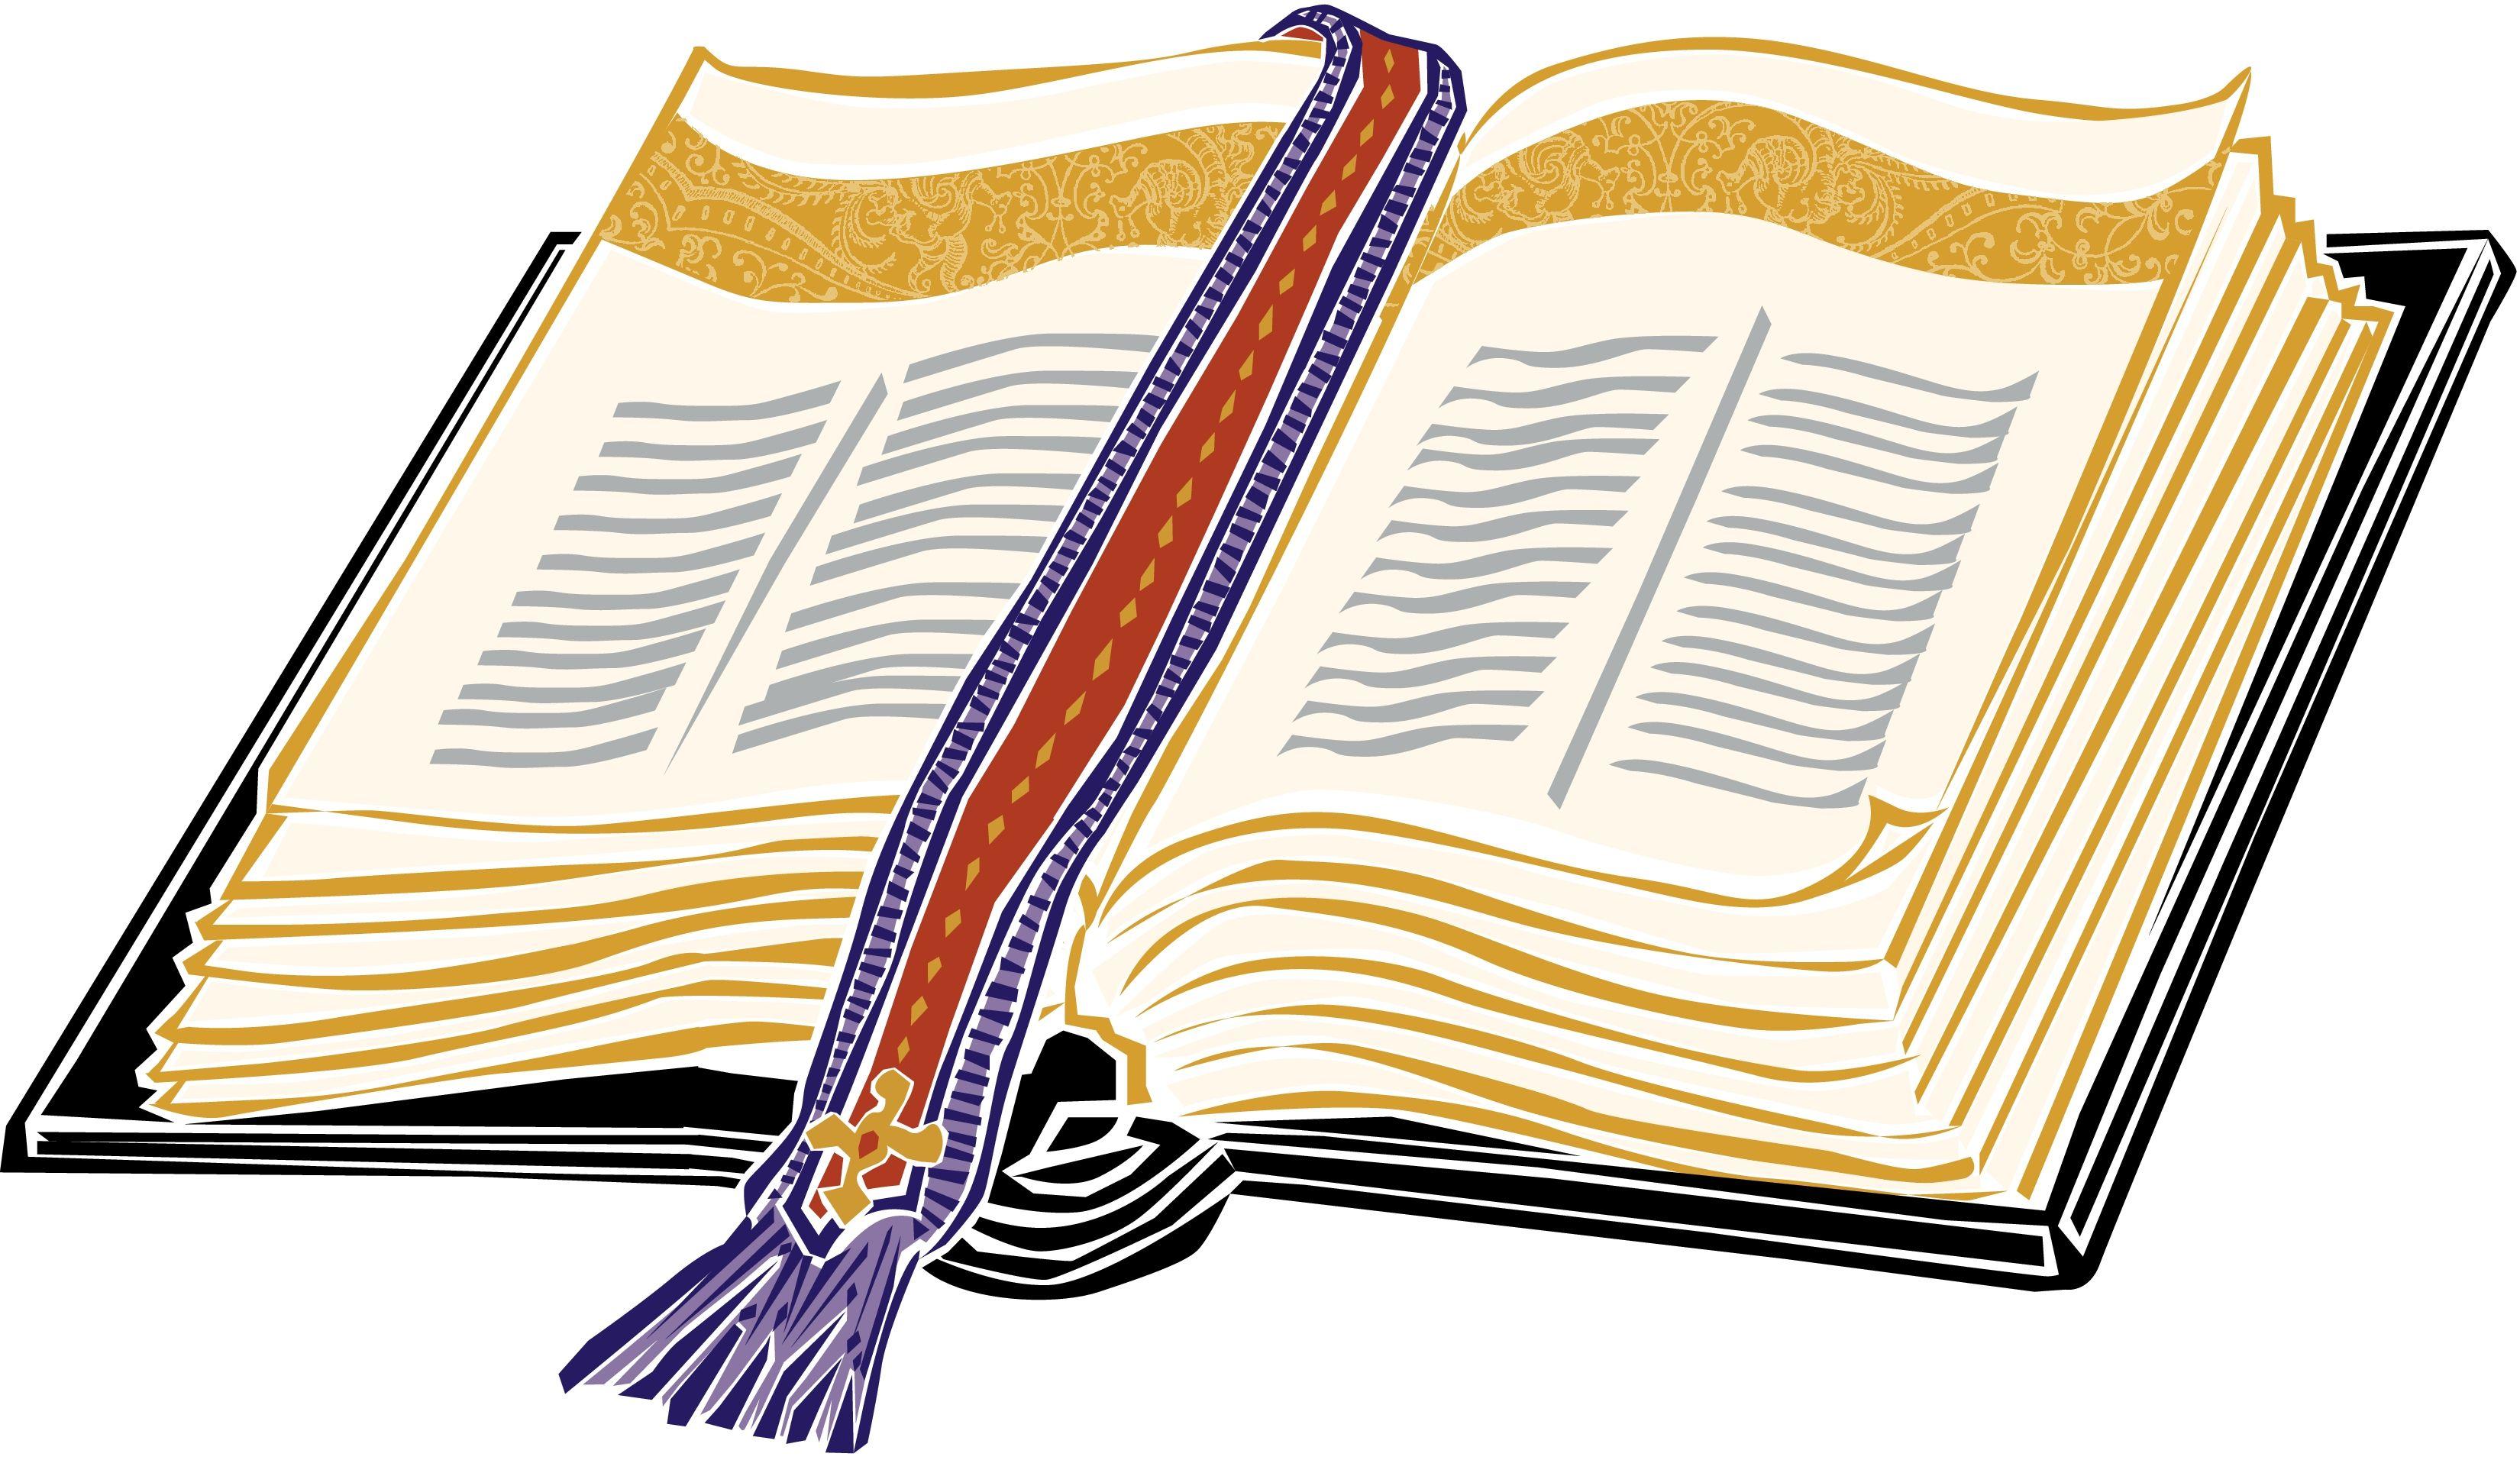 Gold Open Christian Bible Clipart.